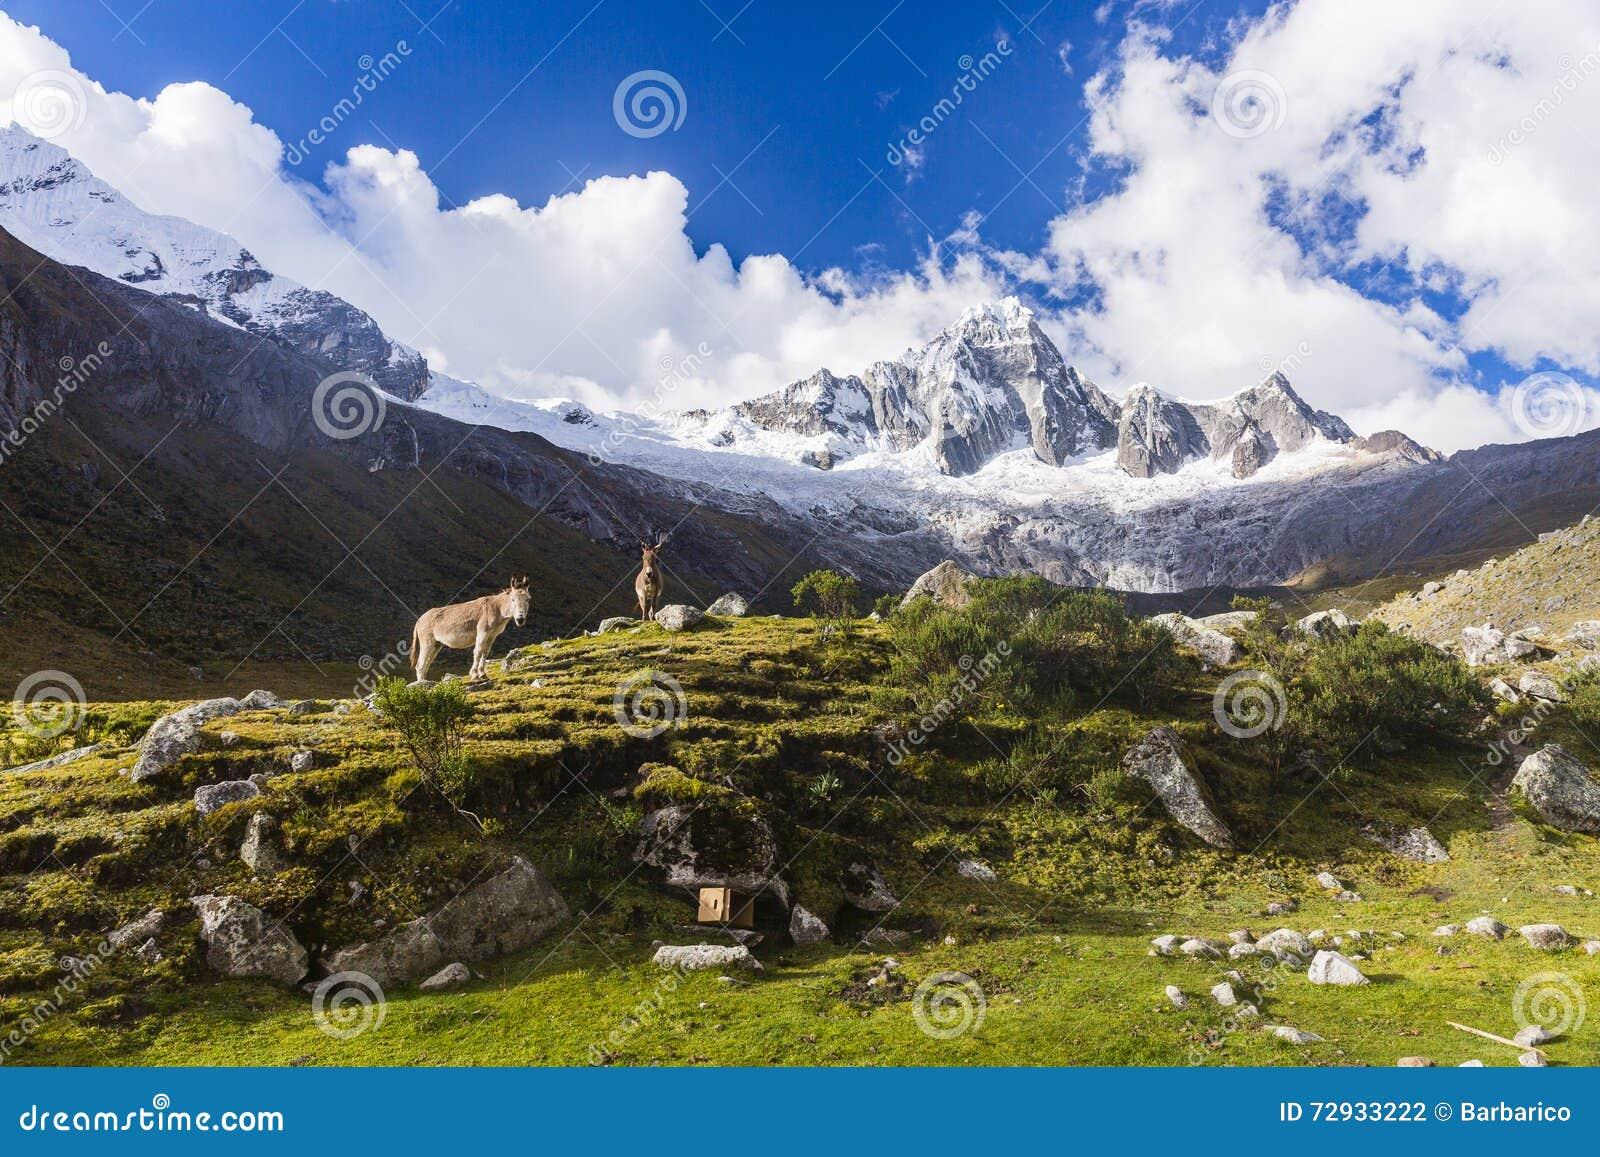 De weiden, de muilezels en de sneeuw caped bergen in het Nationale Park van Huascaran